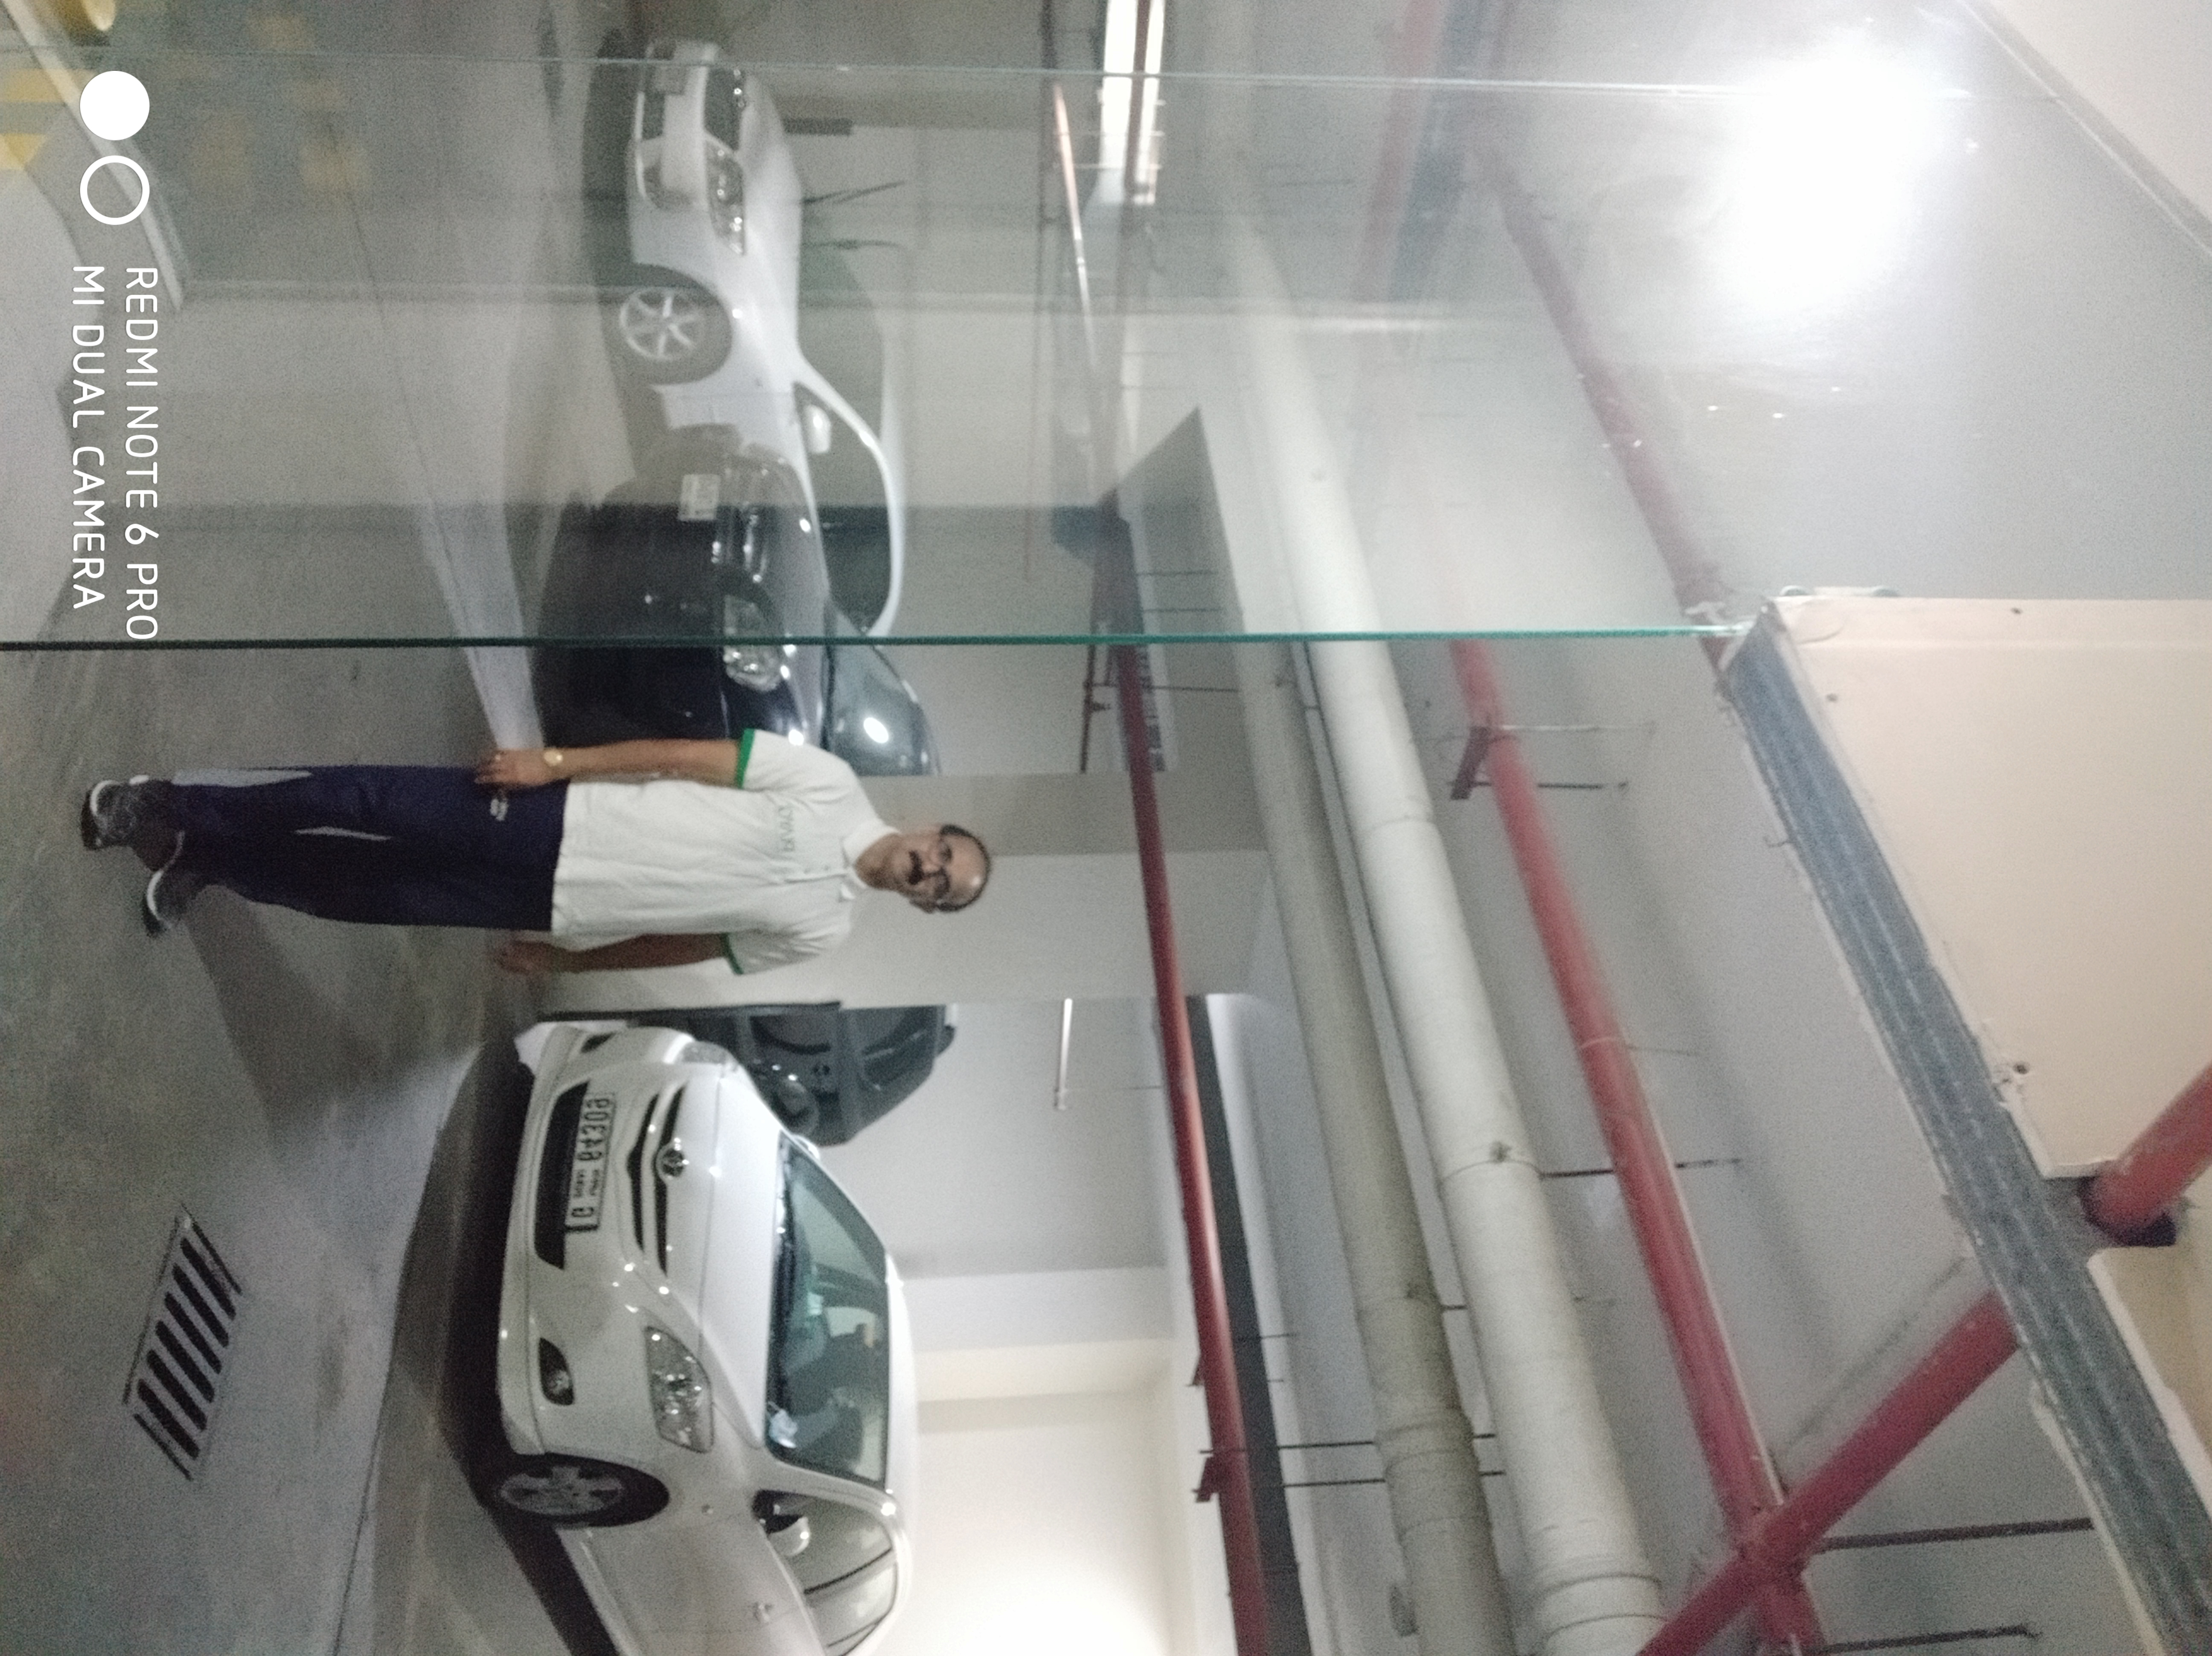 Car lift service